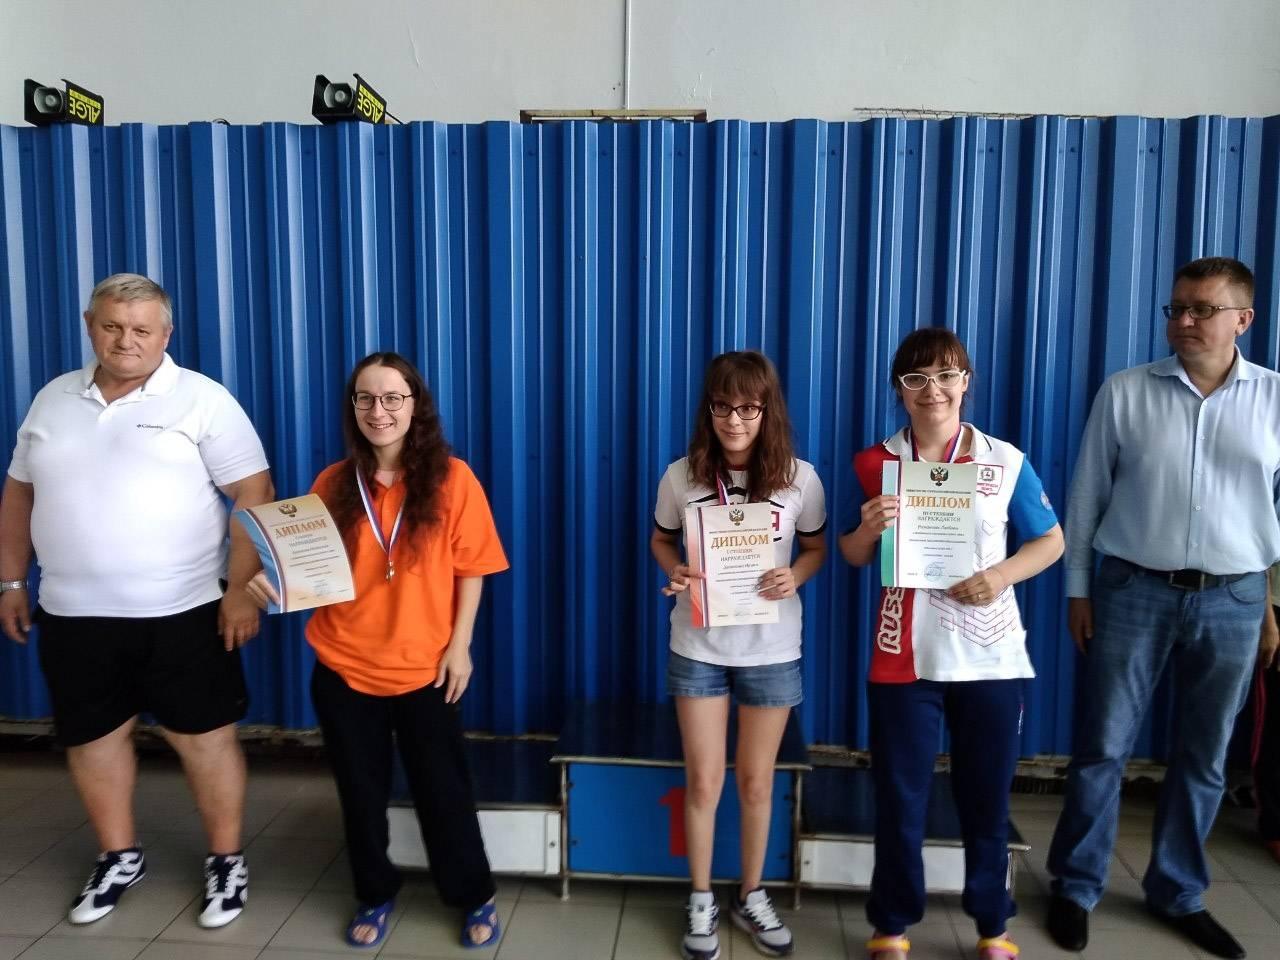 Студентка Дзержинского филиала РАНХиГС победила в Чемпионате России по плаванию